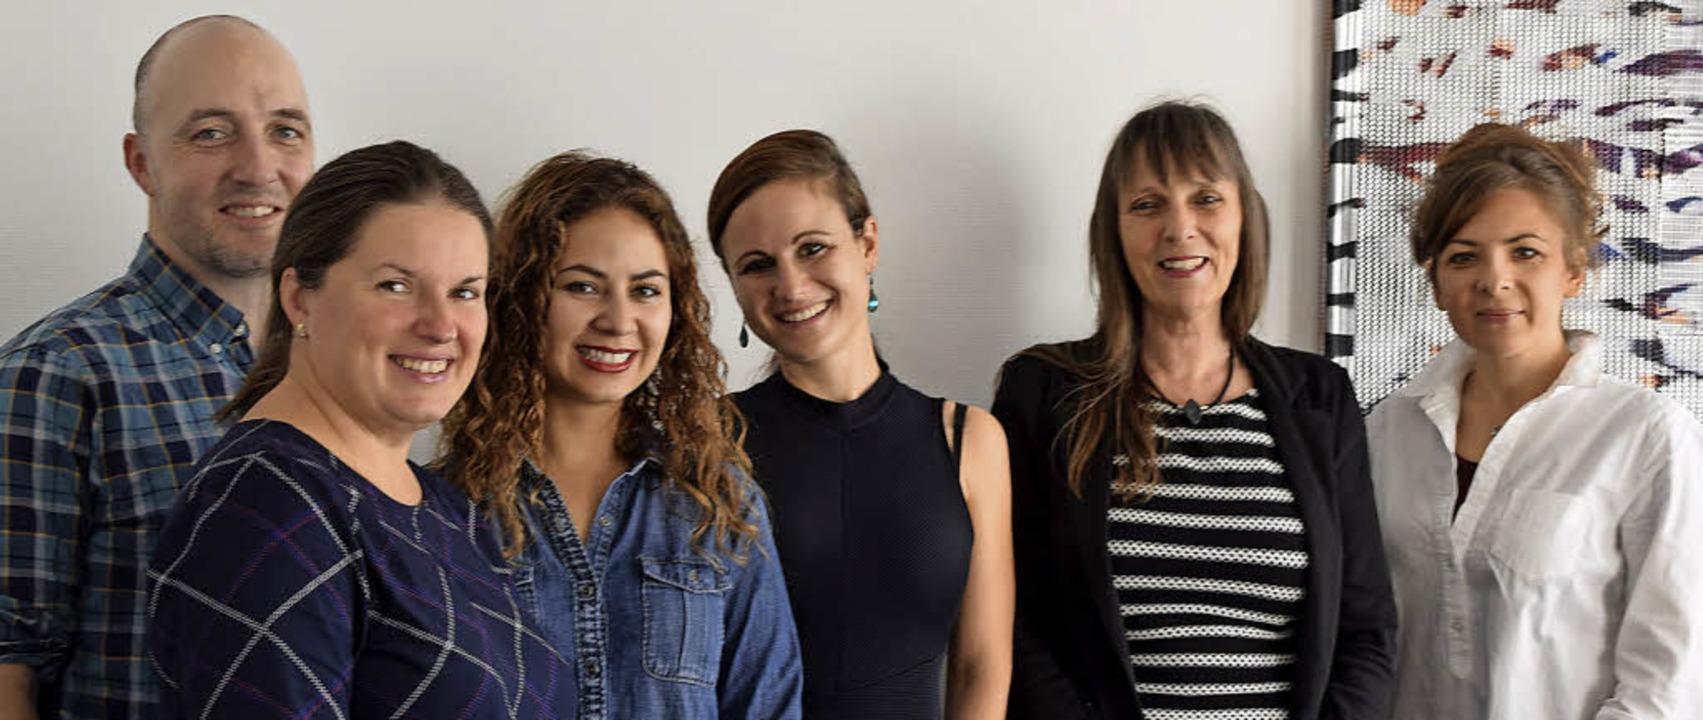 Das Team der Sprachschule Invox   | Foto: Heidemarie Wussler